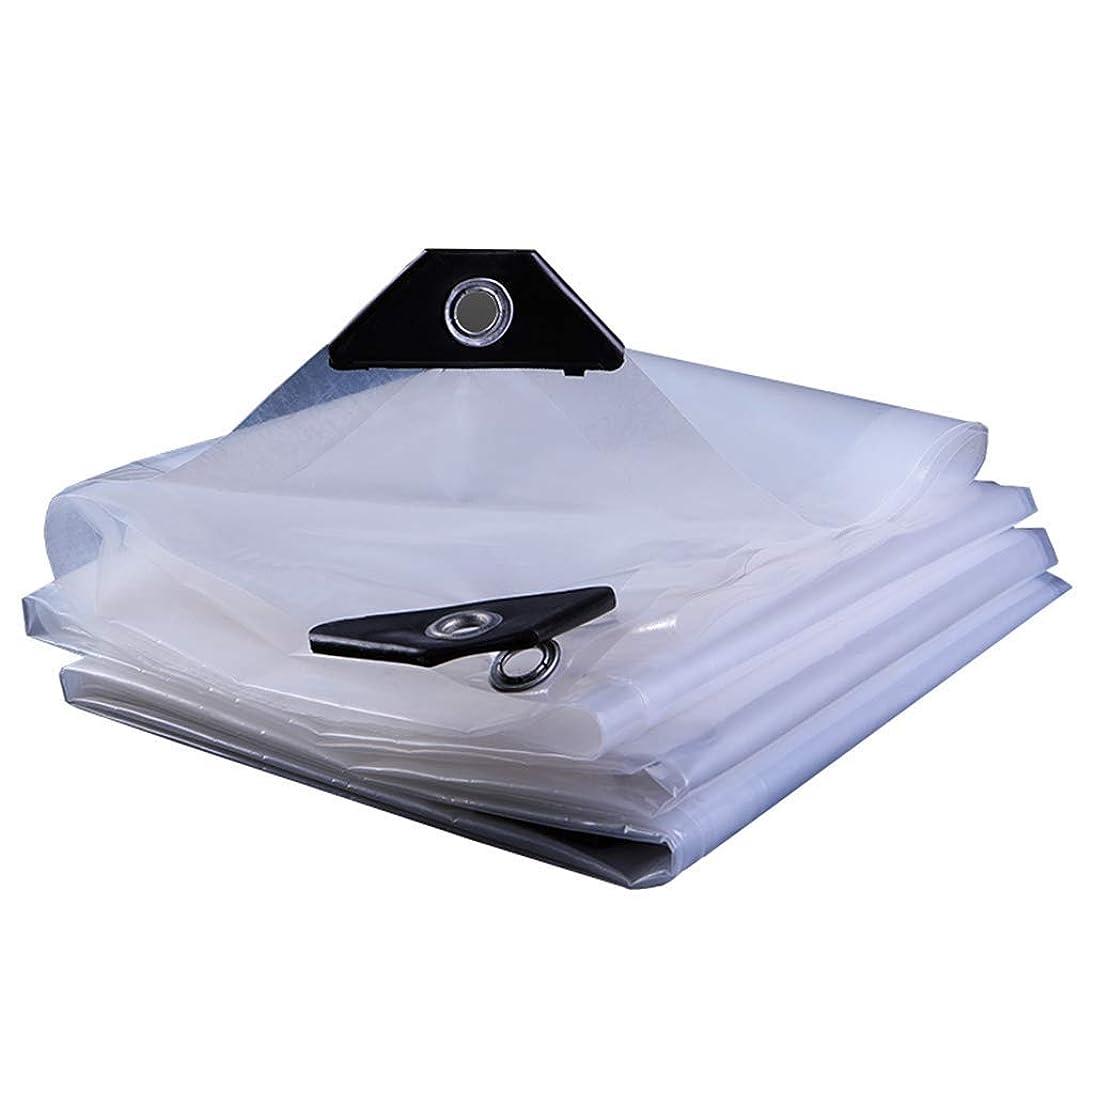 行商人効果万一に備えてタープ 明確な防水シート屋外の100%防水透明な防水シートの頑丈なカバーのプラスチック布の建物の塵が付いている塵/ペンキ/汚れ/雨シート、厚さ0.12mm、100g / mの2 (サイズ さいず : 4x5m)